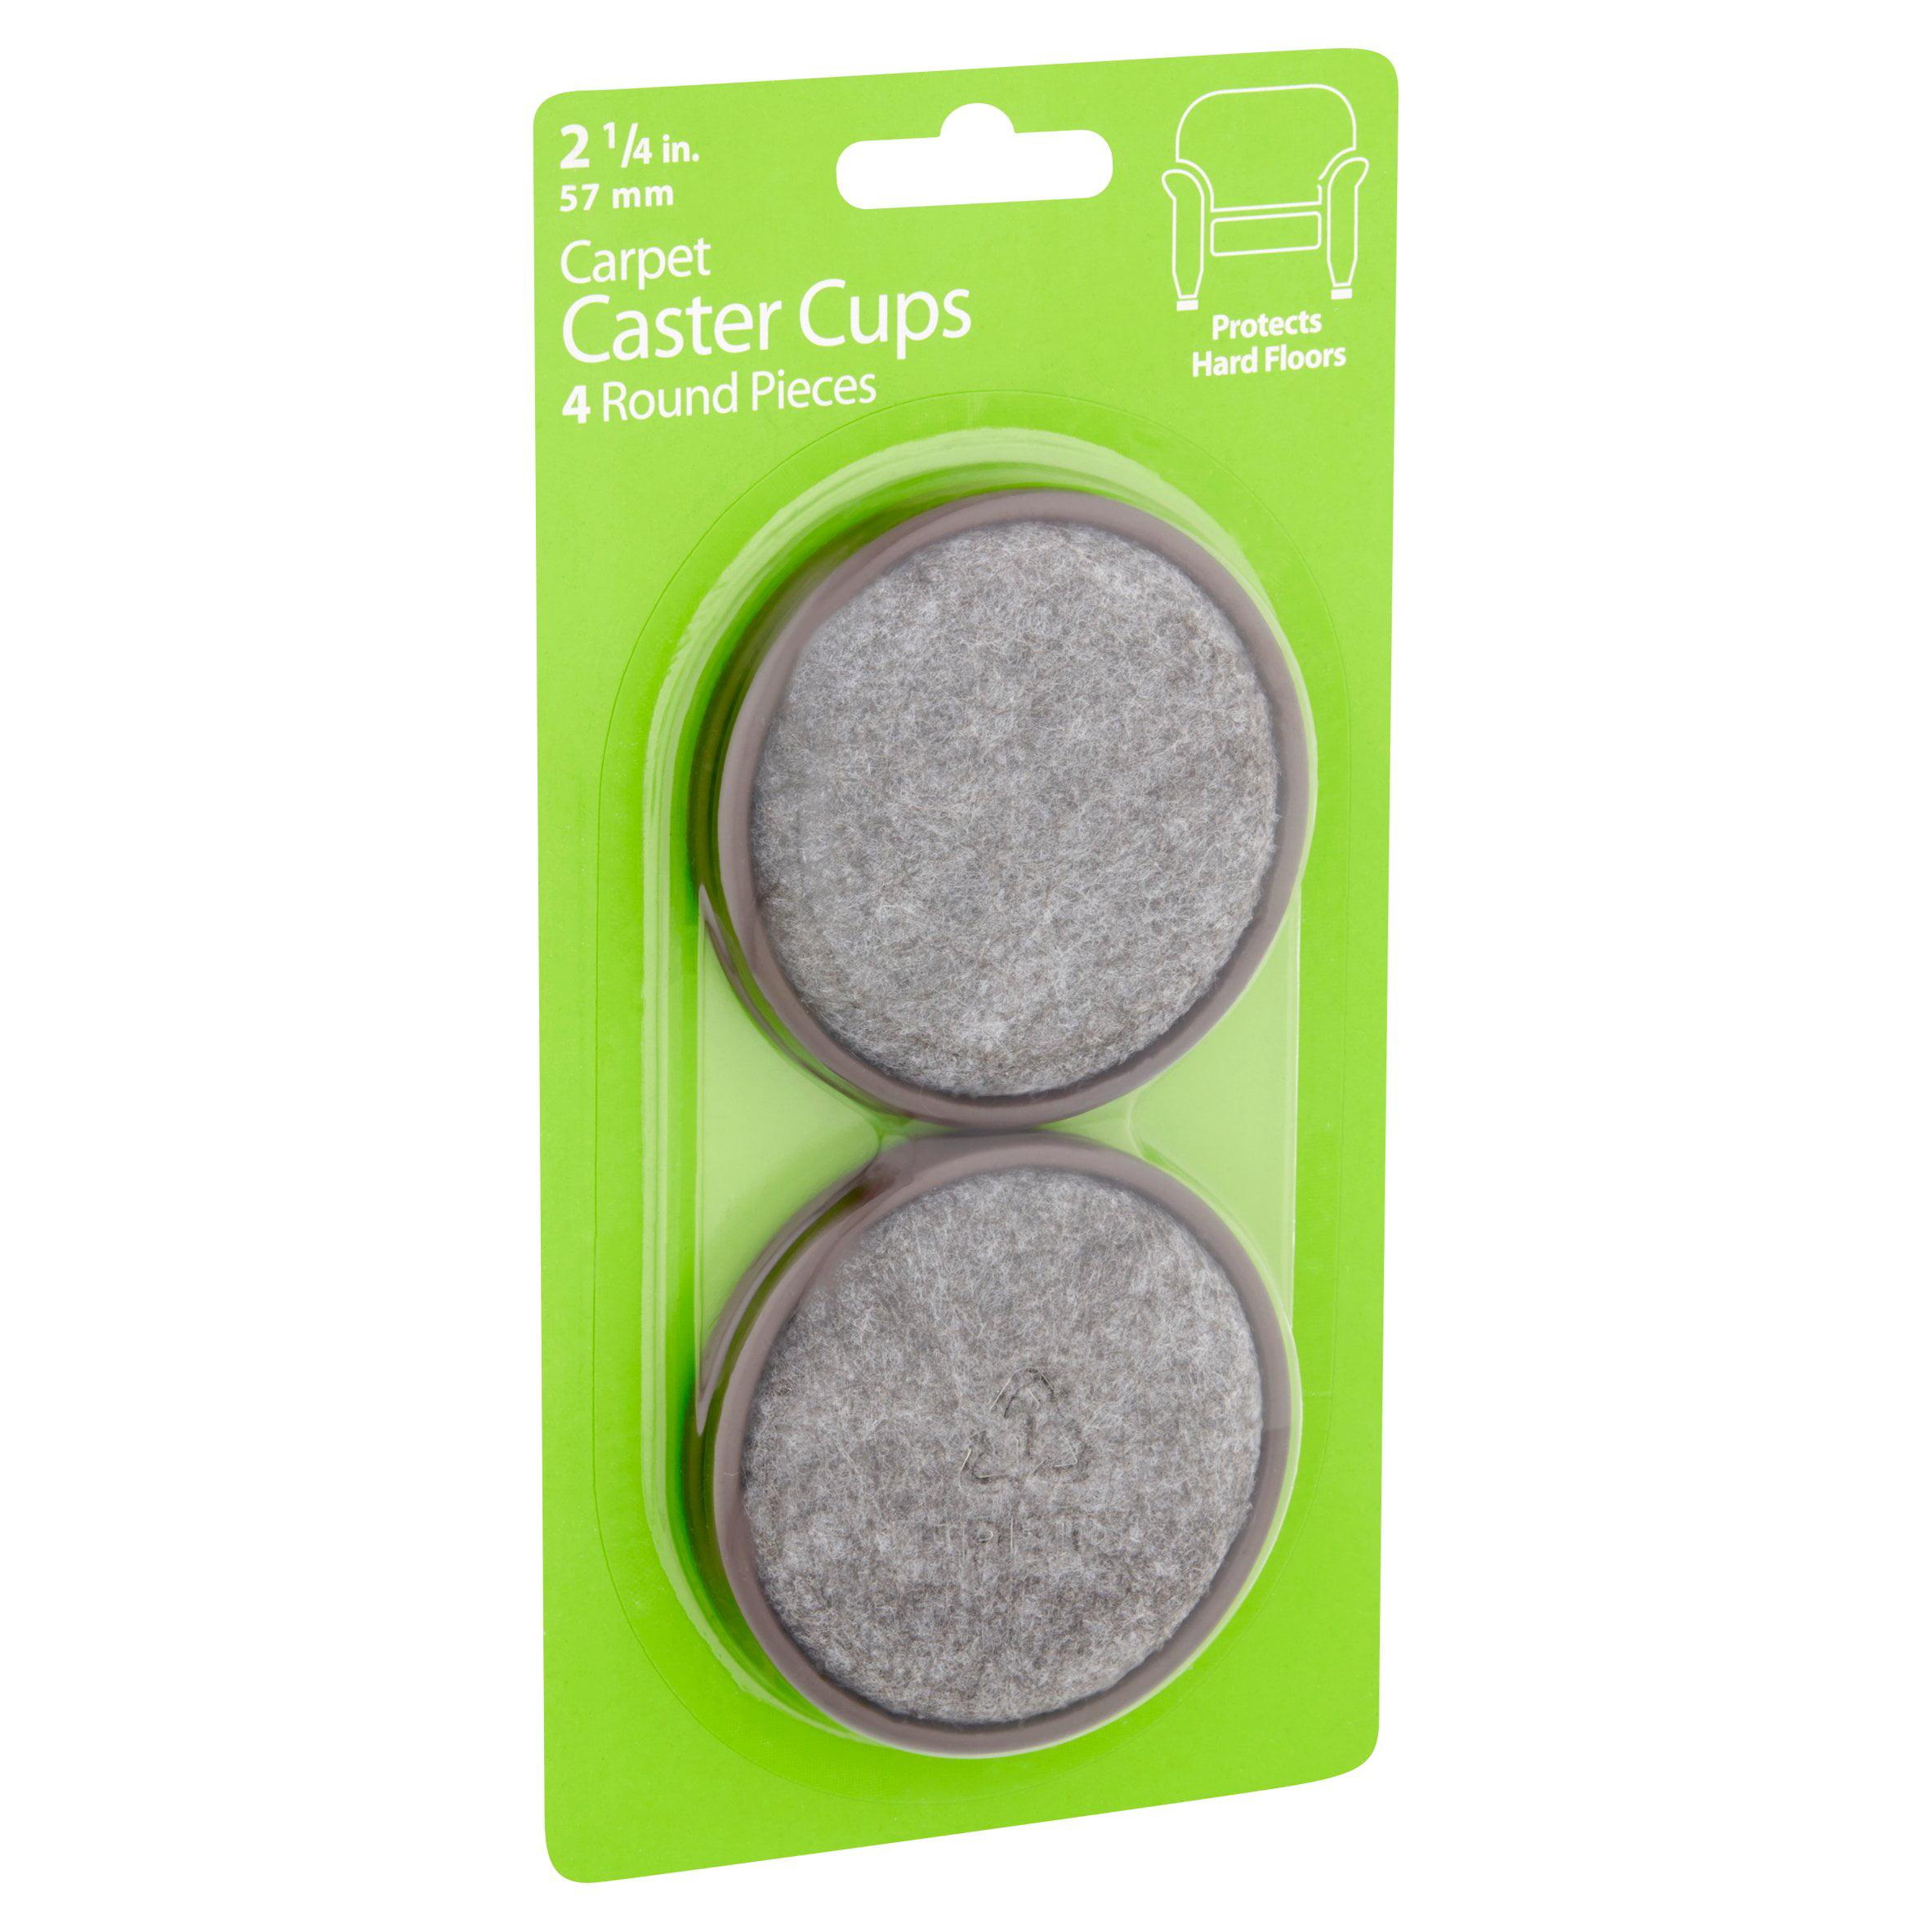 speaker cabinet caster cups cabinets matttroy. Black Bedroom Furniture Sets. Home Design Ideas